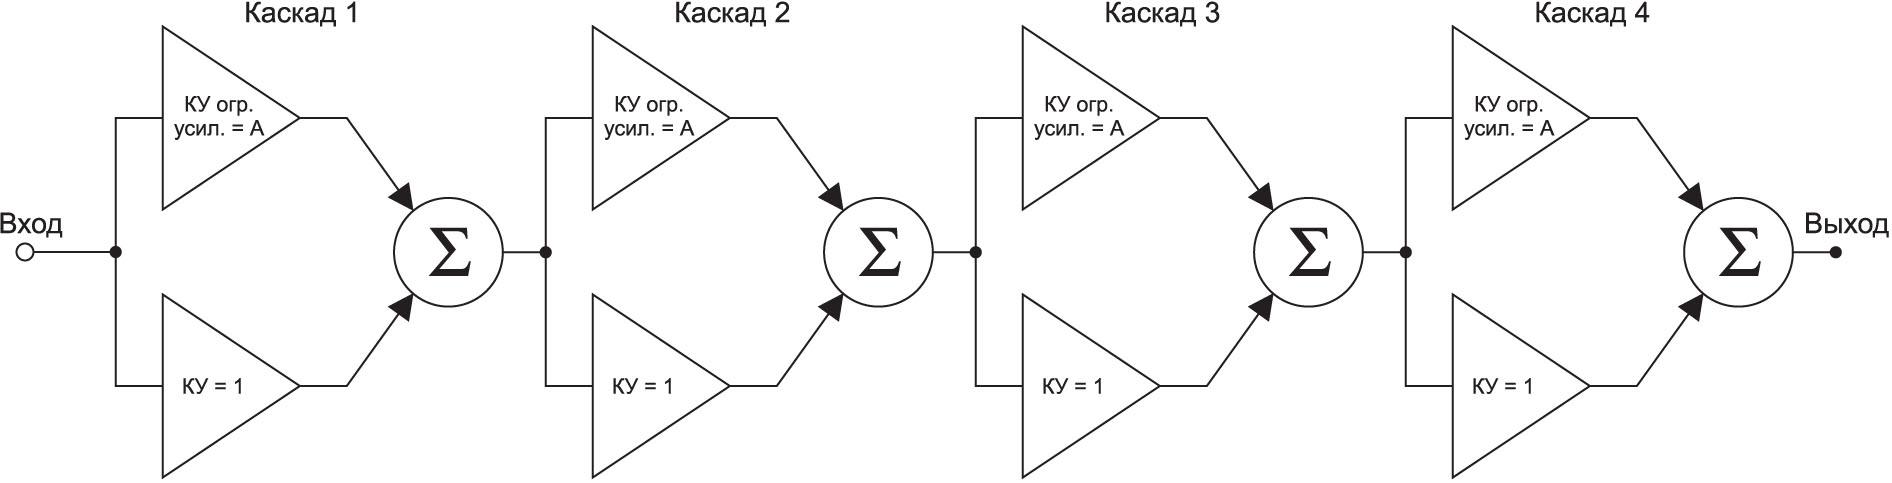 Улучшенная схема с суммированием в каждом каскаде